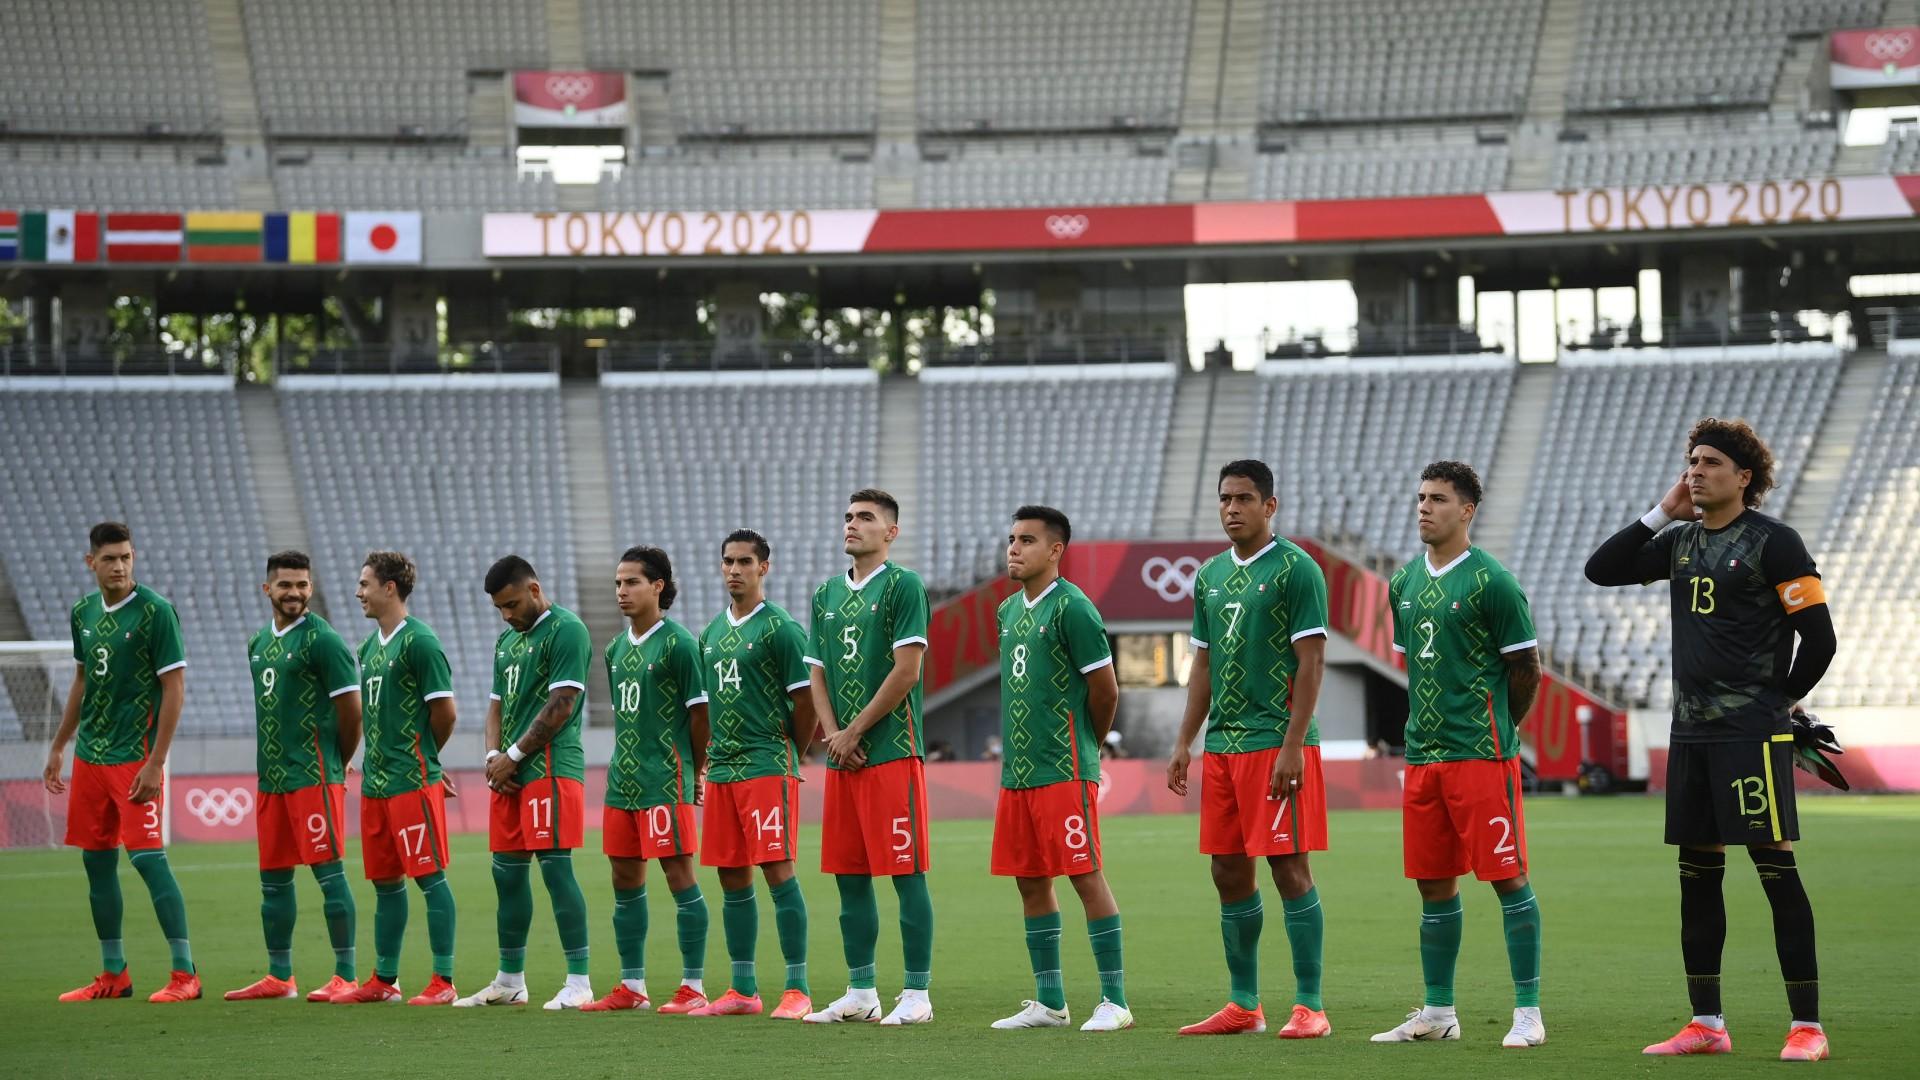 A qué hora juega México Sub23? Horario vs Japón en los Juegos Olímpicos   Goal.com